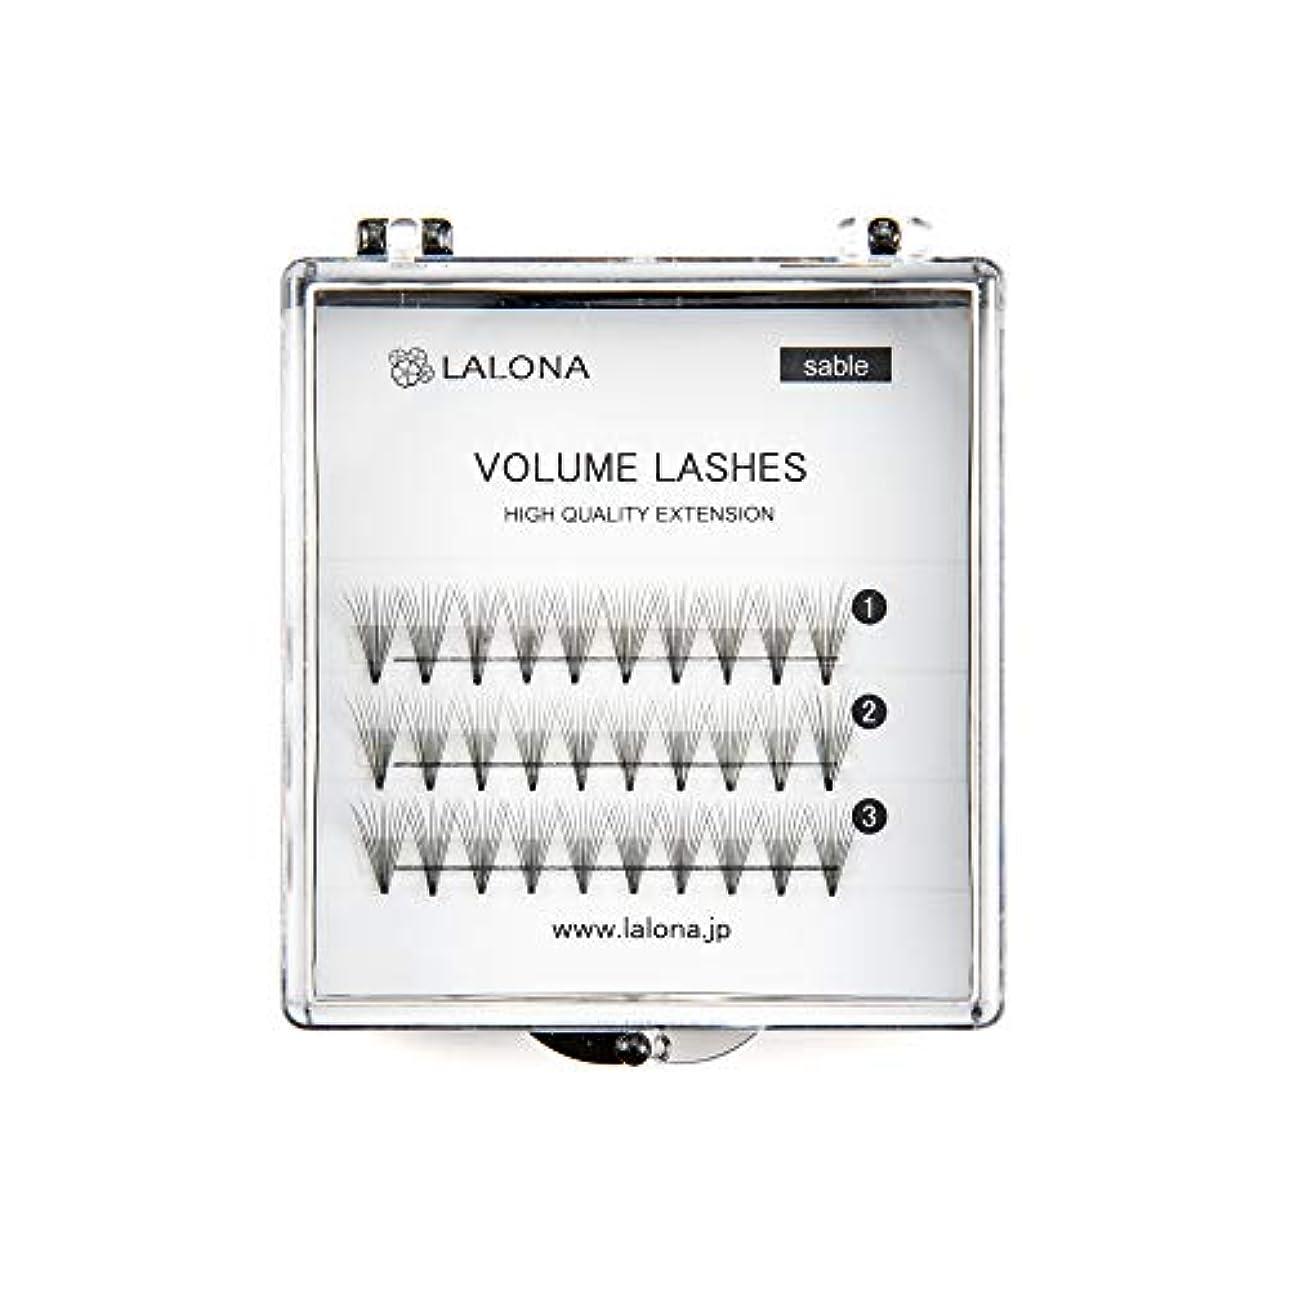 LALONA [ ラローナ ] ボリュームラッシュ (10D) (30pcs) まつげエクステ 10本束 フレアラッシュ まつエク 束まつげ セーブル (Jカール / 10mm)